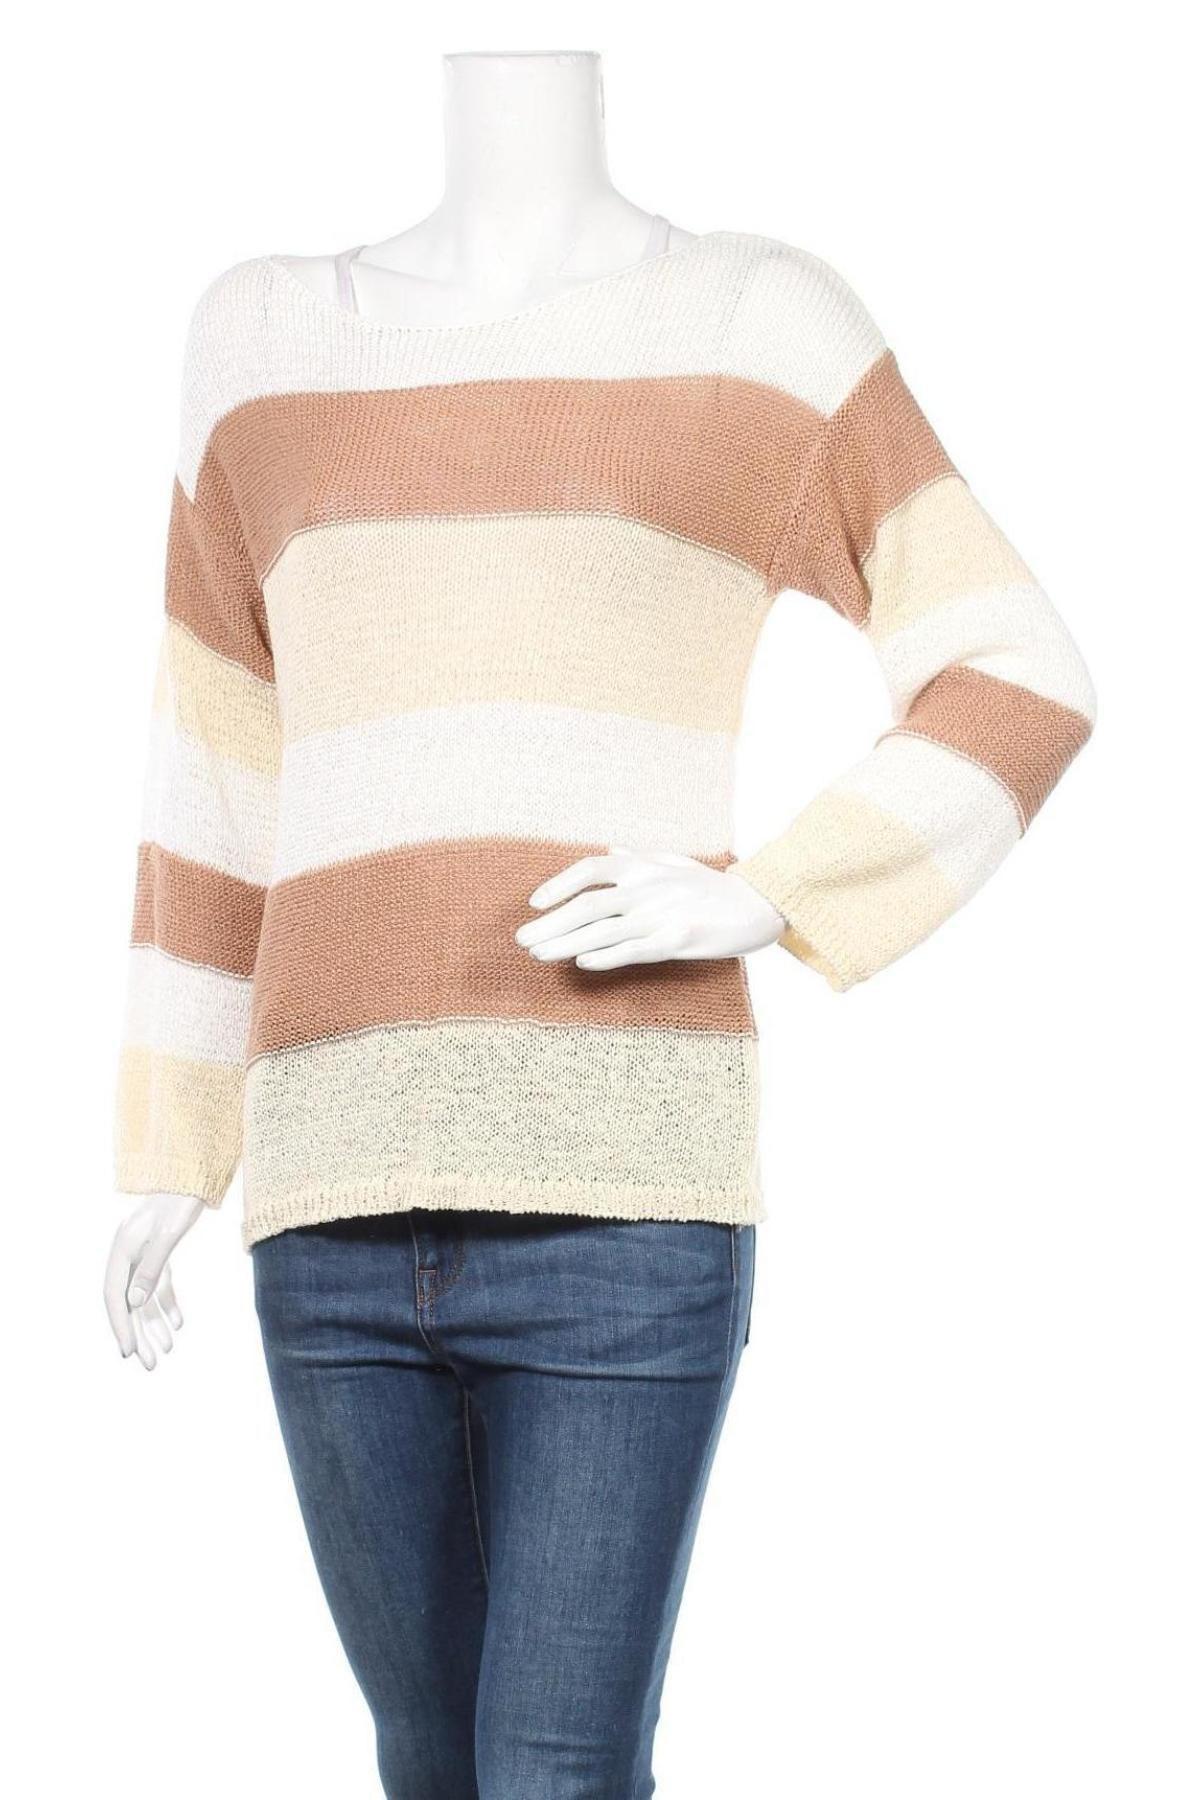 Γυναικείο πουλόβερ Lascana, Μέγεθος S, Χρώμα Πολύχρωμο, 60% πολυεστέρας, 40% βαμβάκι, Τιμή 22,81€